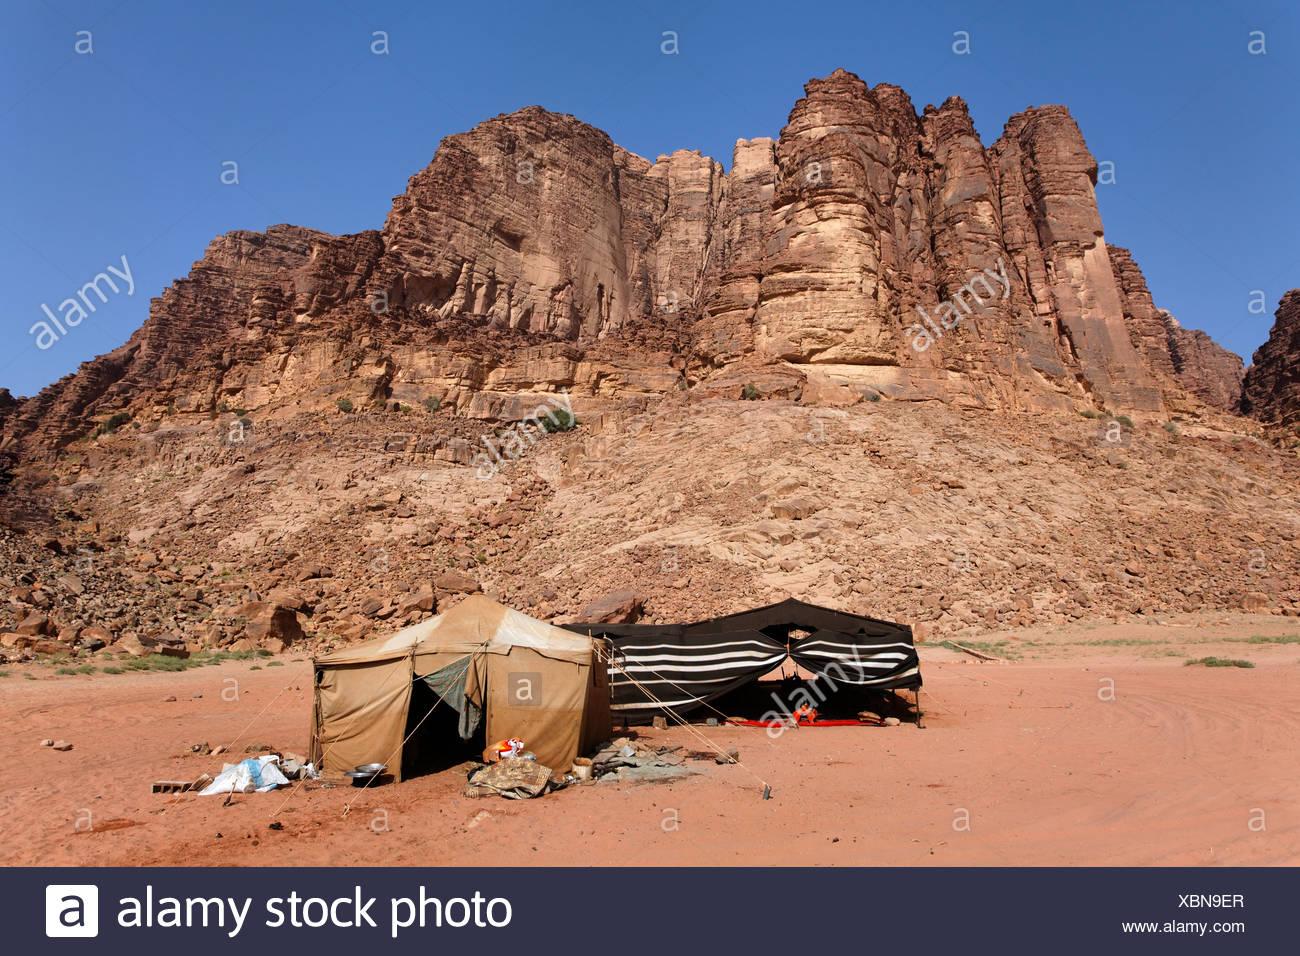 Montagne avec Lawrence's Spring, camp Bédouin, Lawrence d'Arabie, le désert, le Wadi Rum, Royaume hachémite de Jordanie, Moyen-Orient Photo Stock